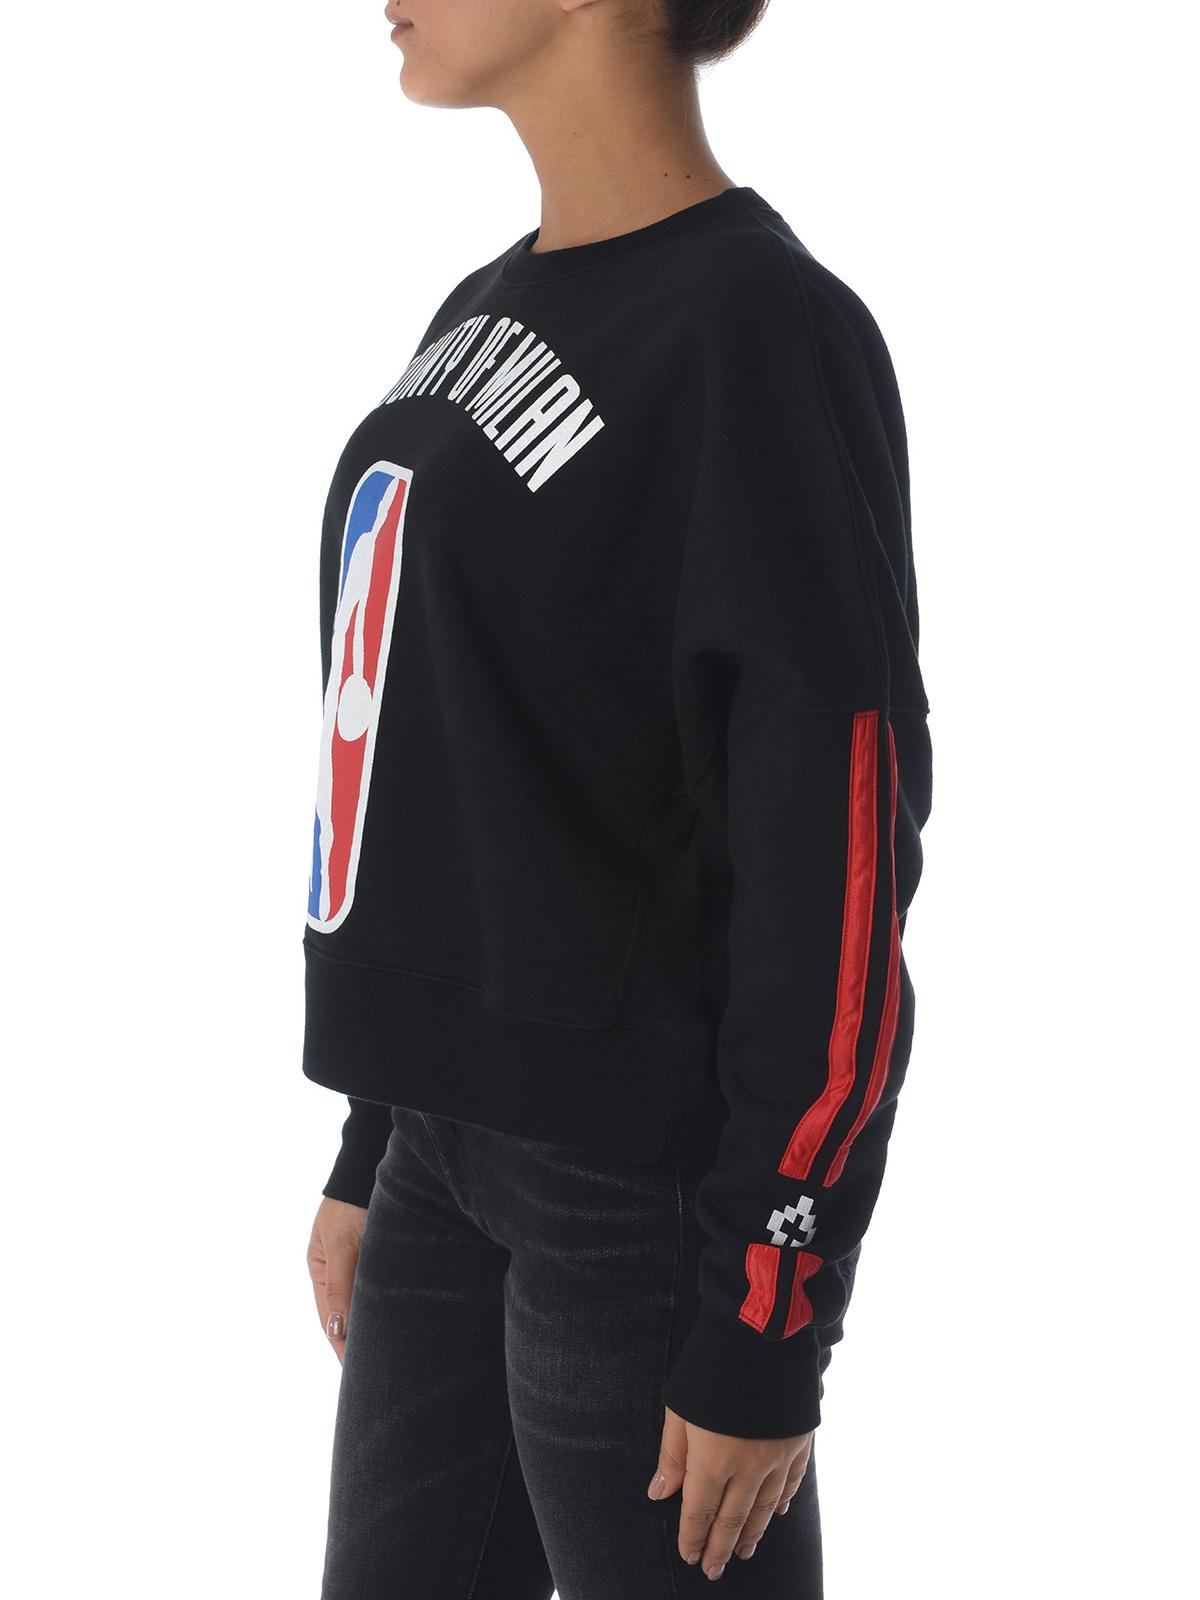 miglior servizio 802a0 6ea97 Marcelo Burlon - Felpa in jersey nero con stampa NBA - Felpe ...